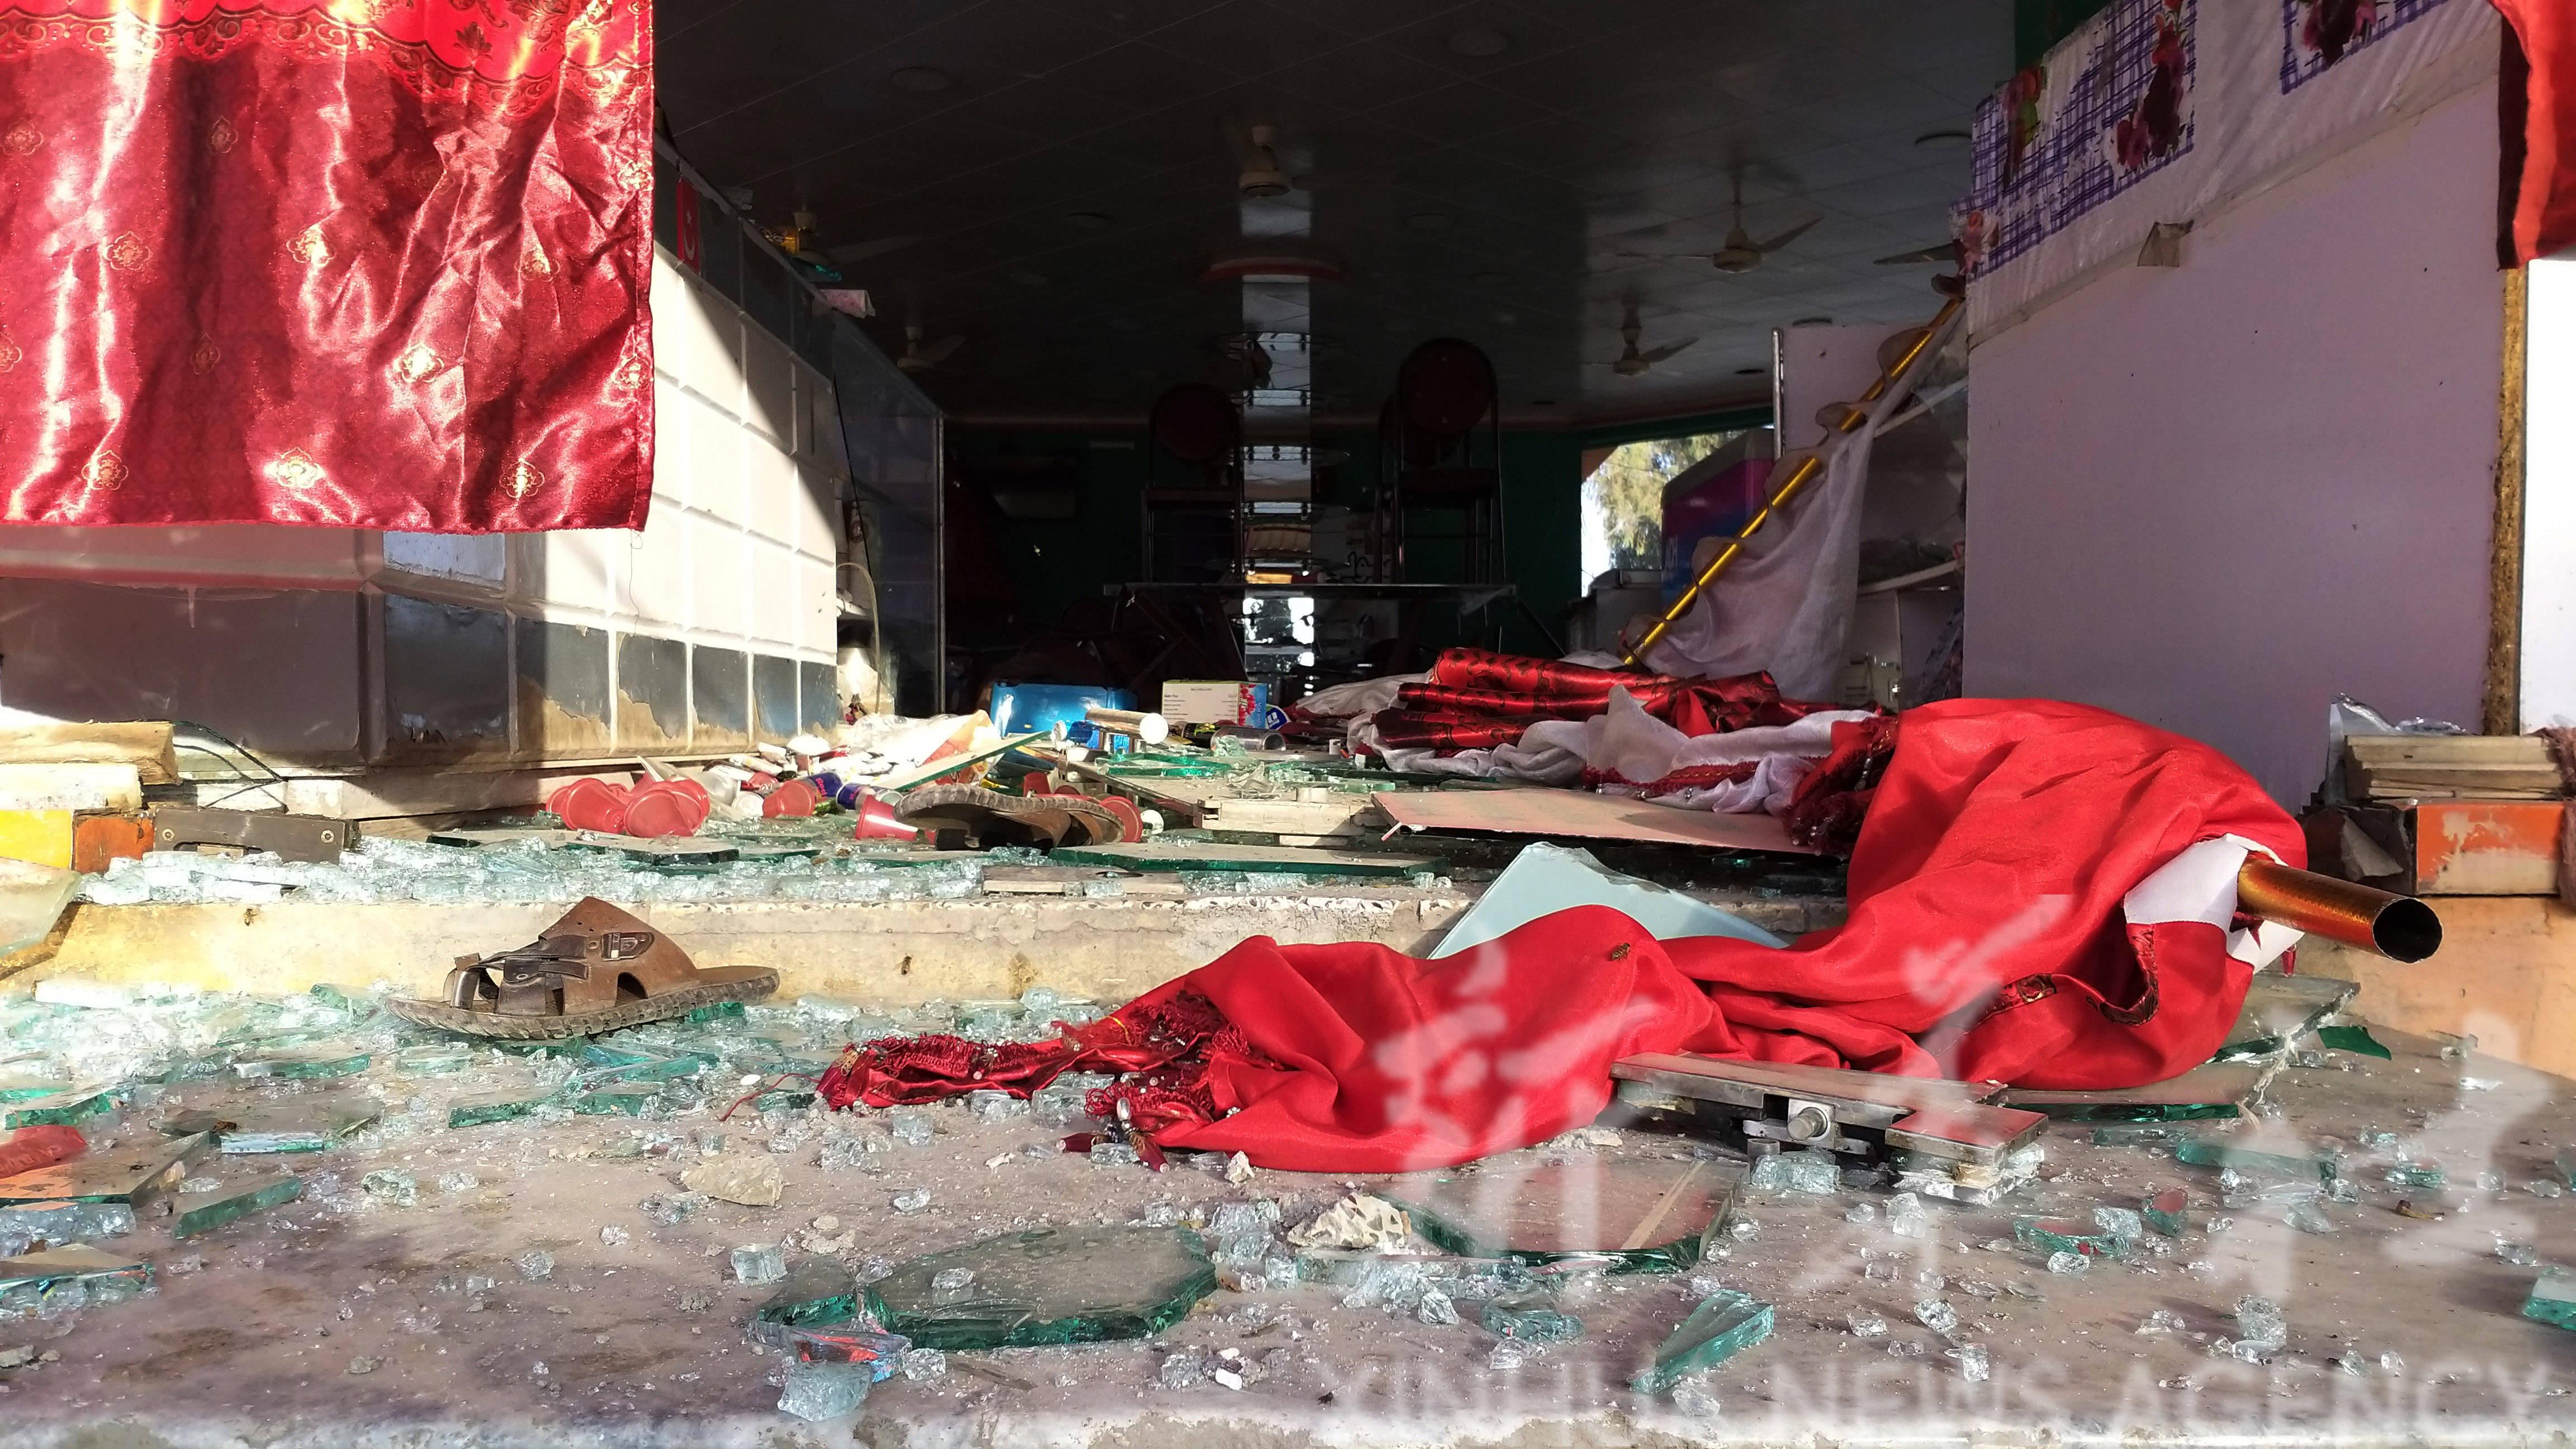 阿富汗一天内发生多起爆炸袭击 造成16人死亡